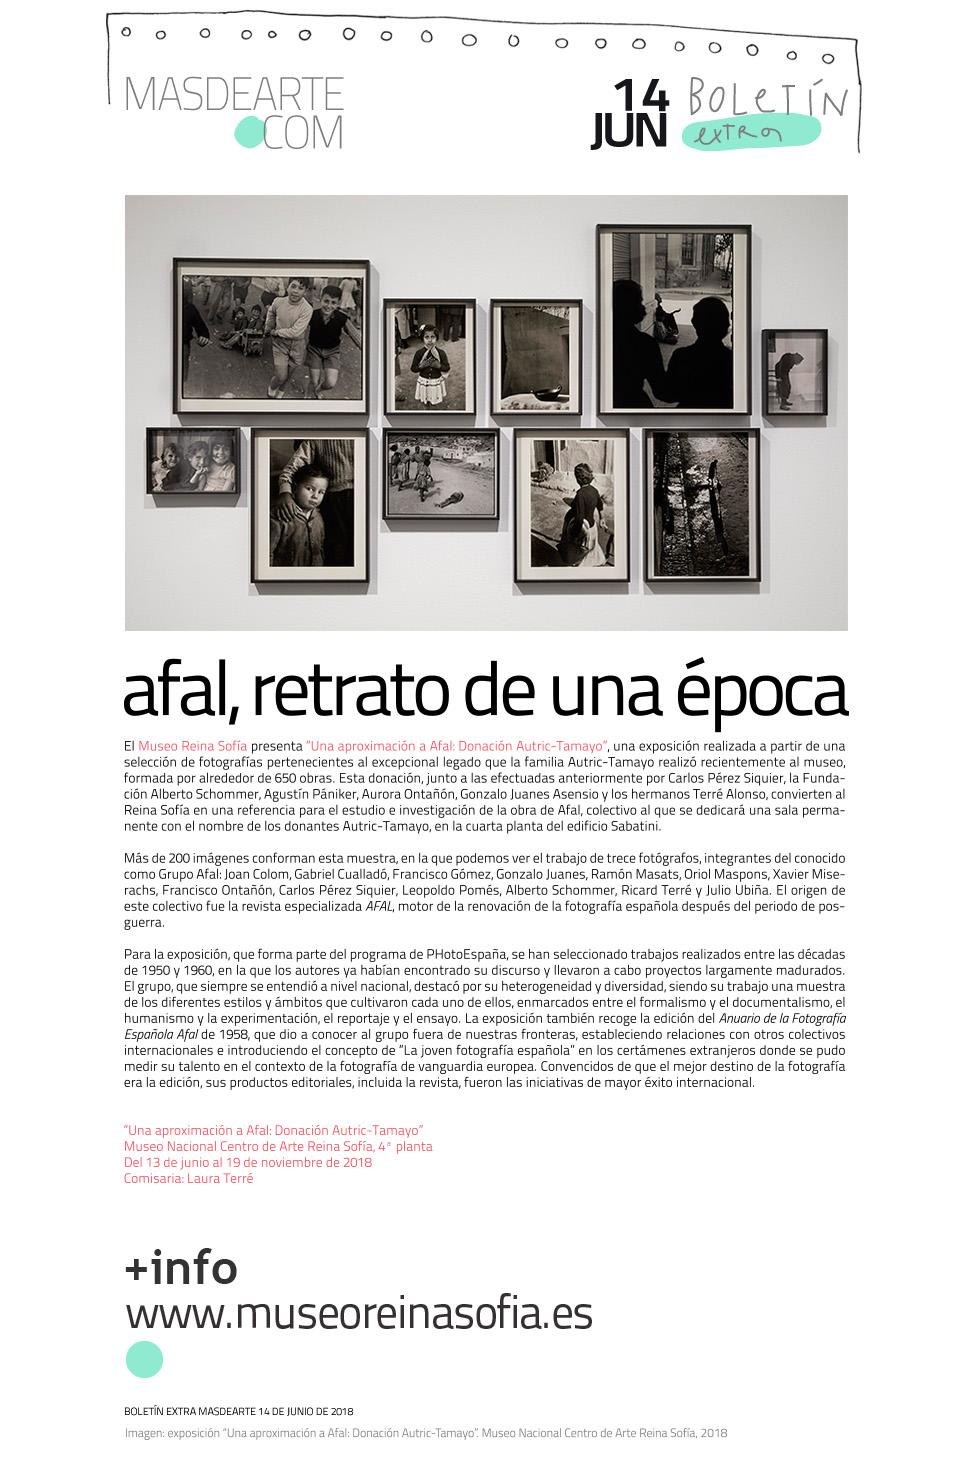 """Exposición """"Una aproximación a Afal. Donación  Autric-Tamayo"""". Hasta el 19 de noviembre de 2018 en el Museo Reina Sofía"""